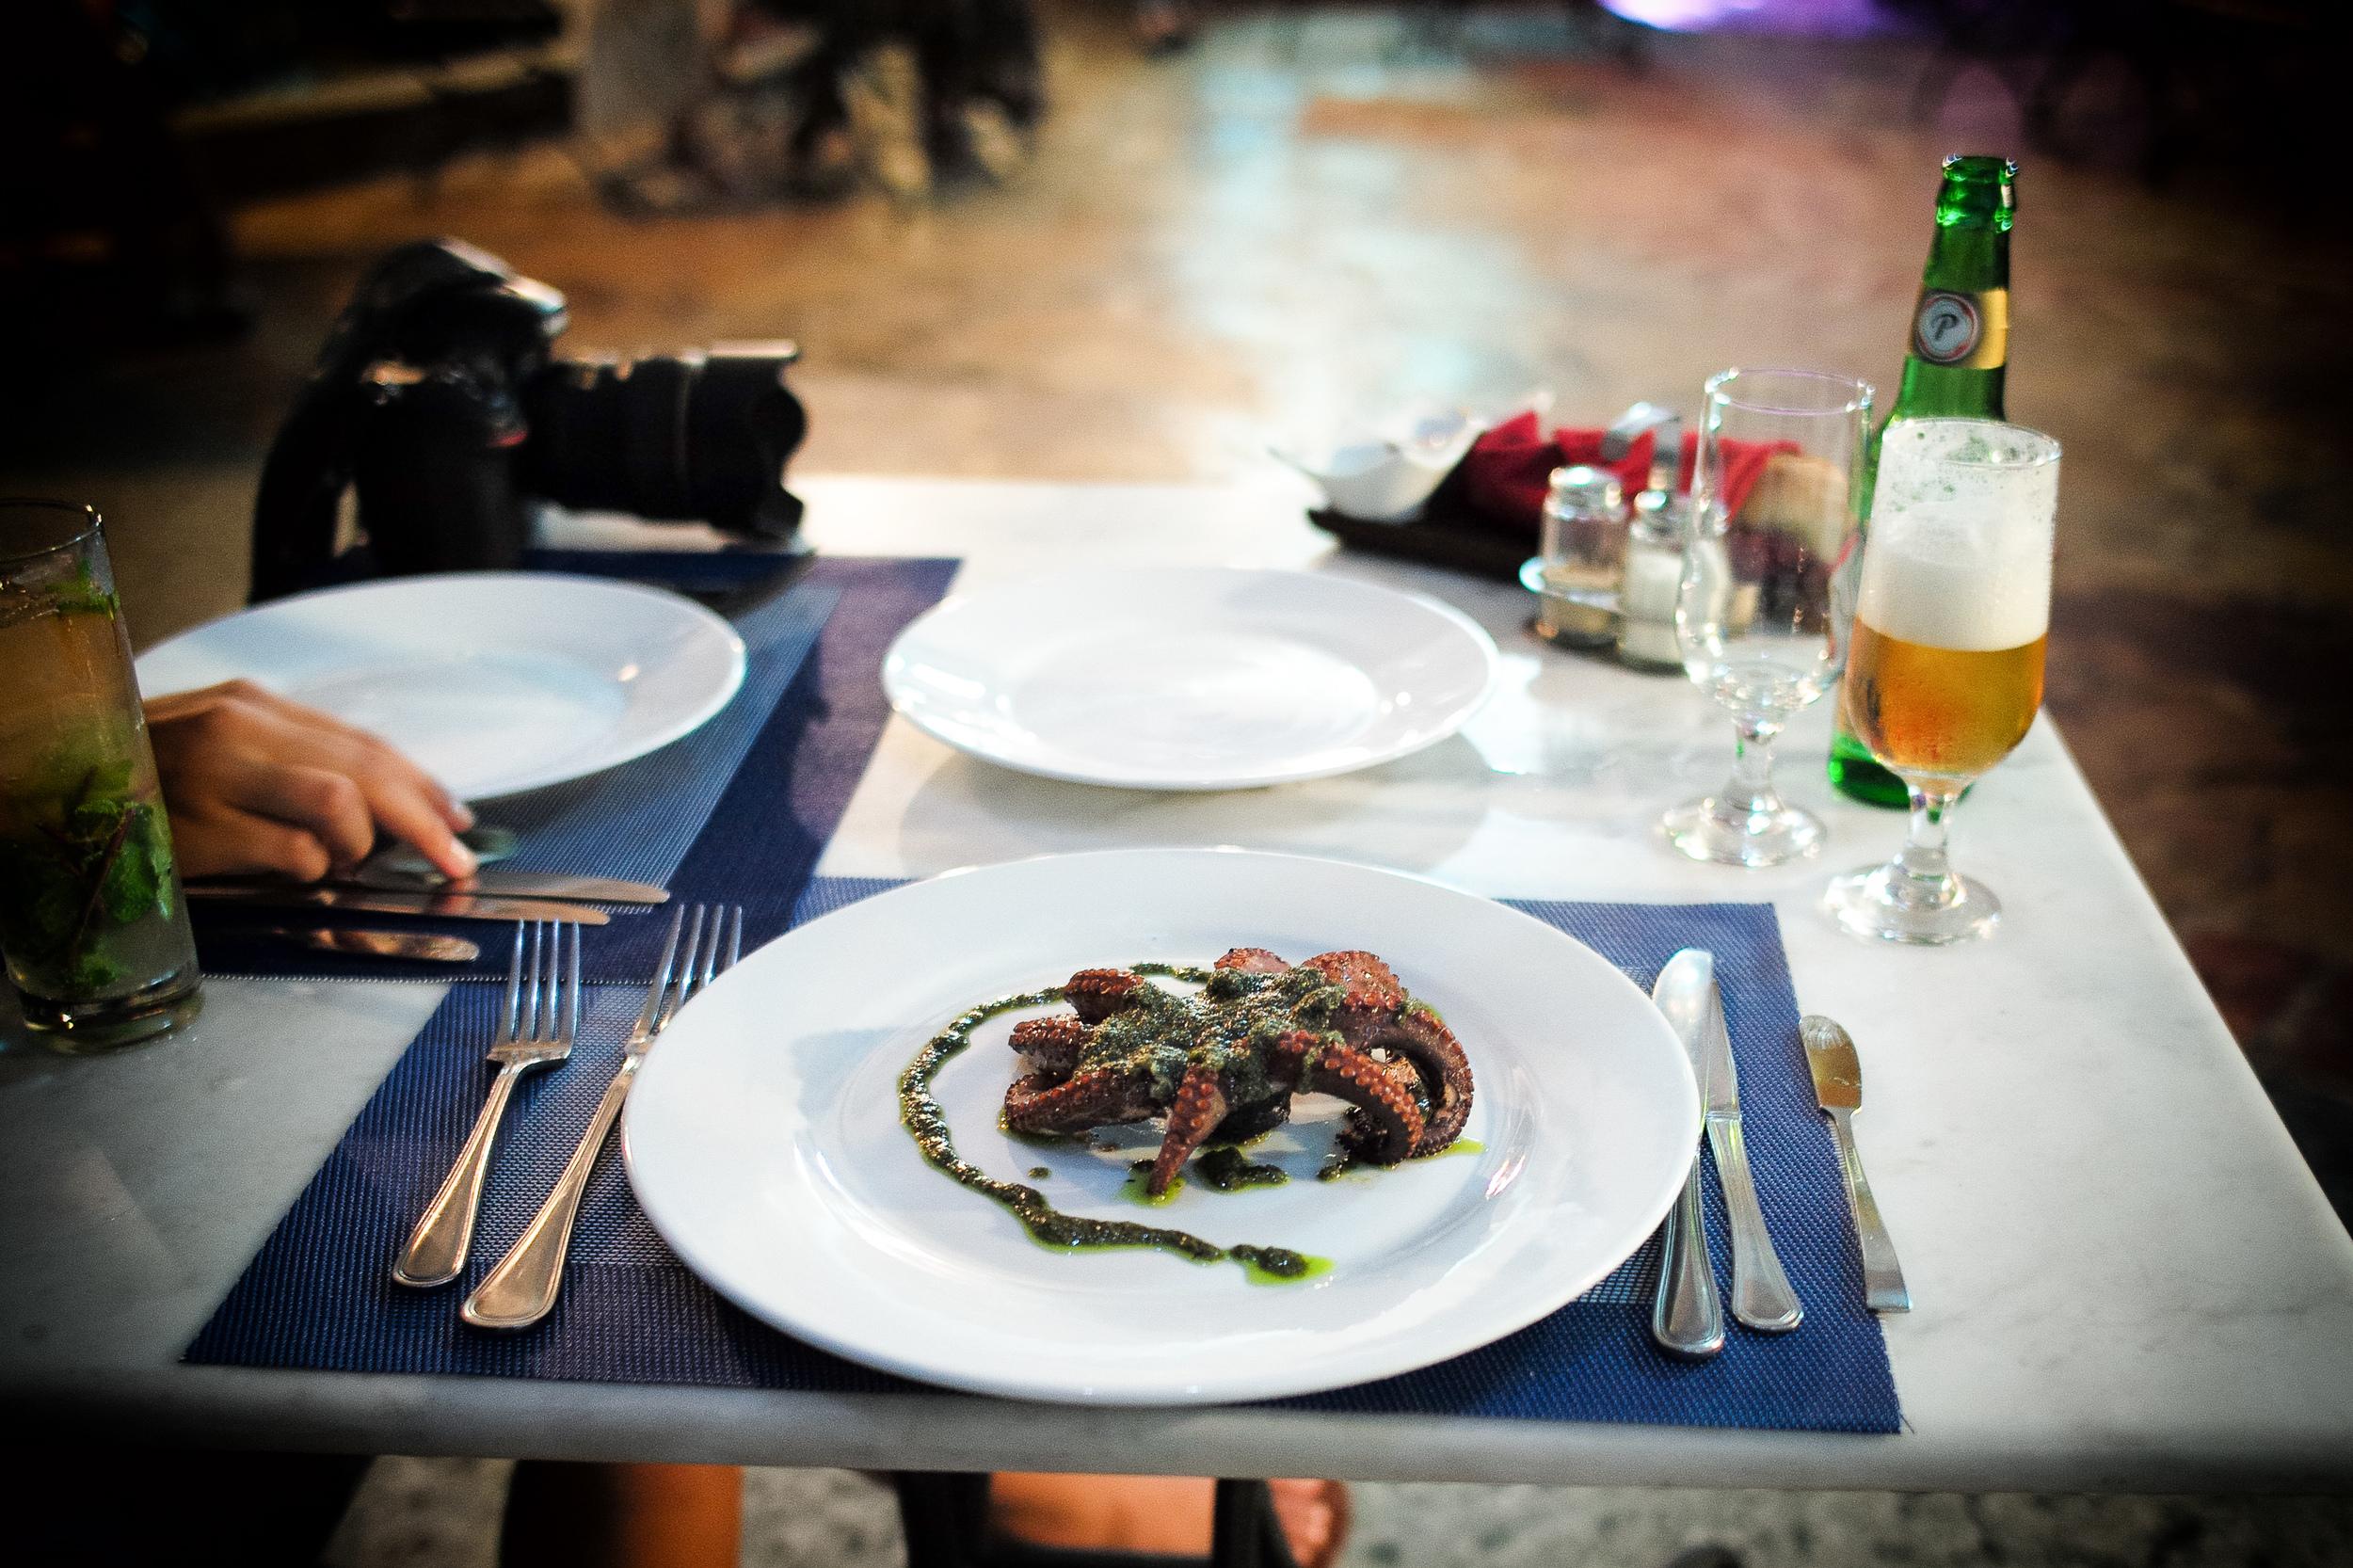 Pulpo al carbón con pesto (Grilled octopus in pesto)